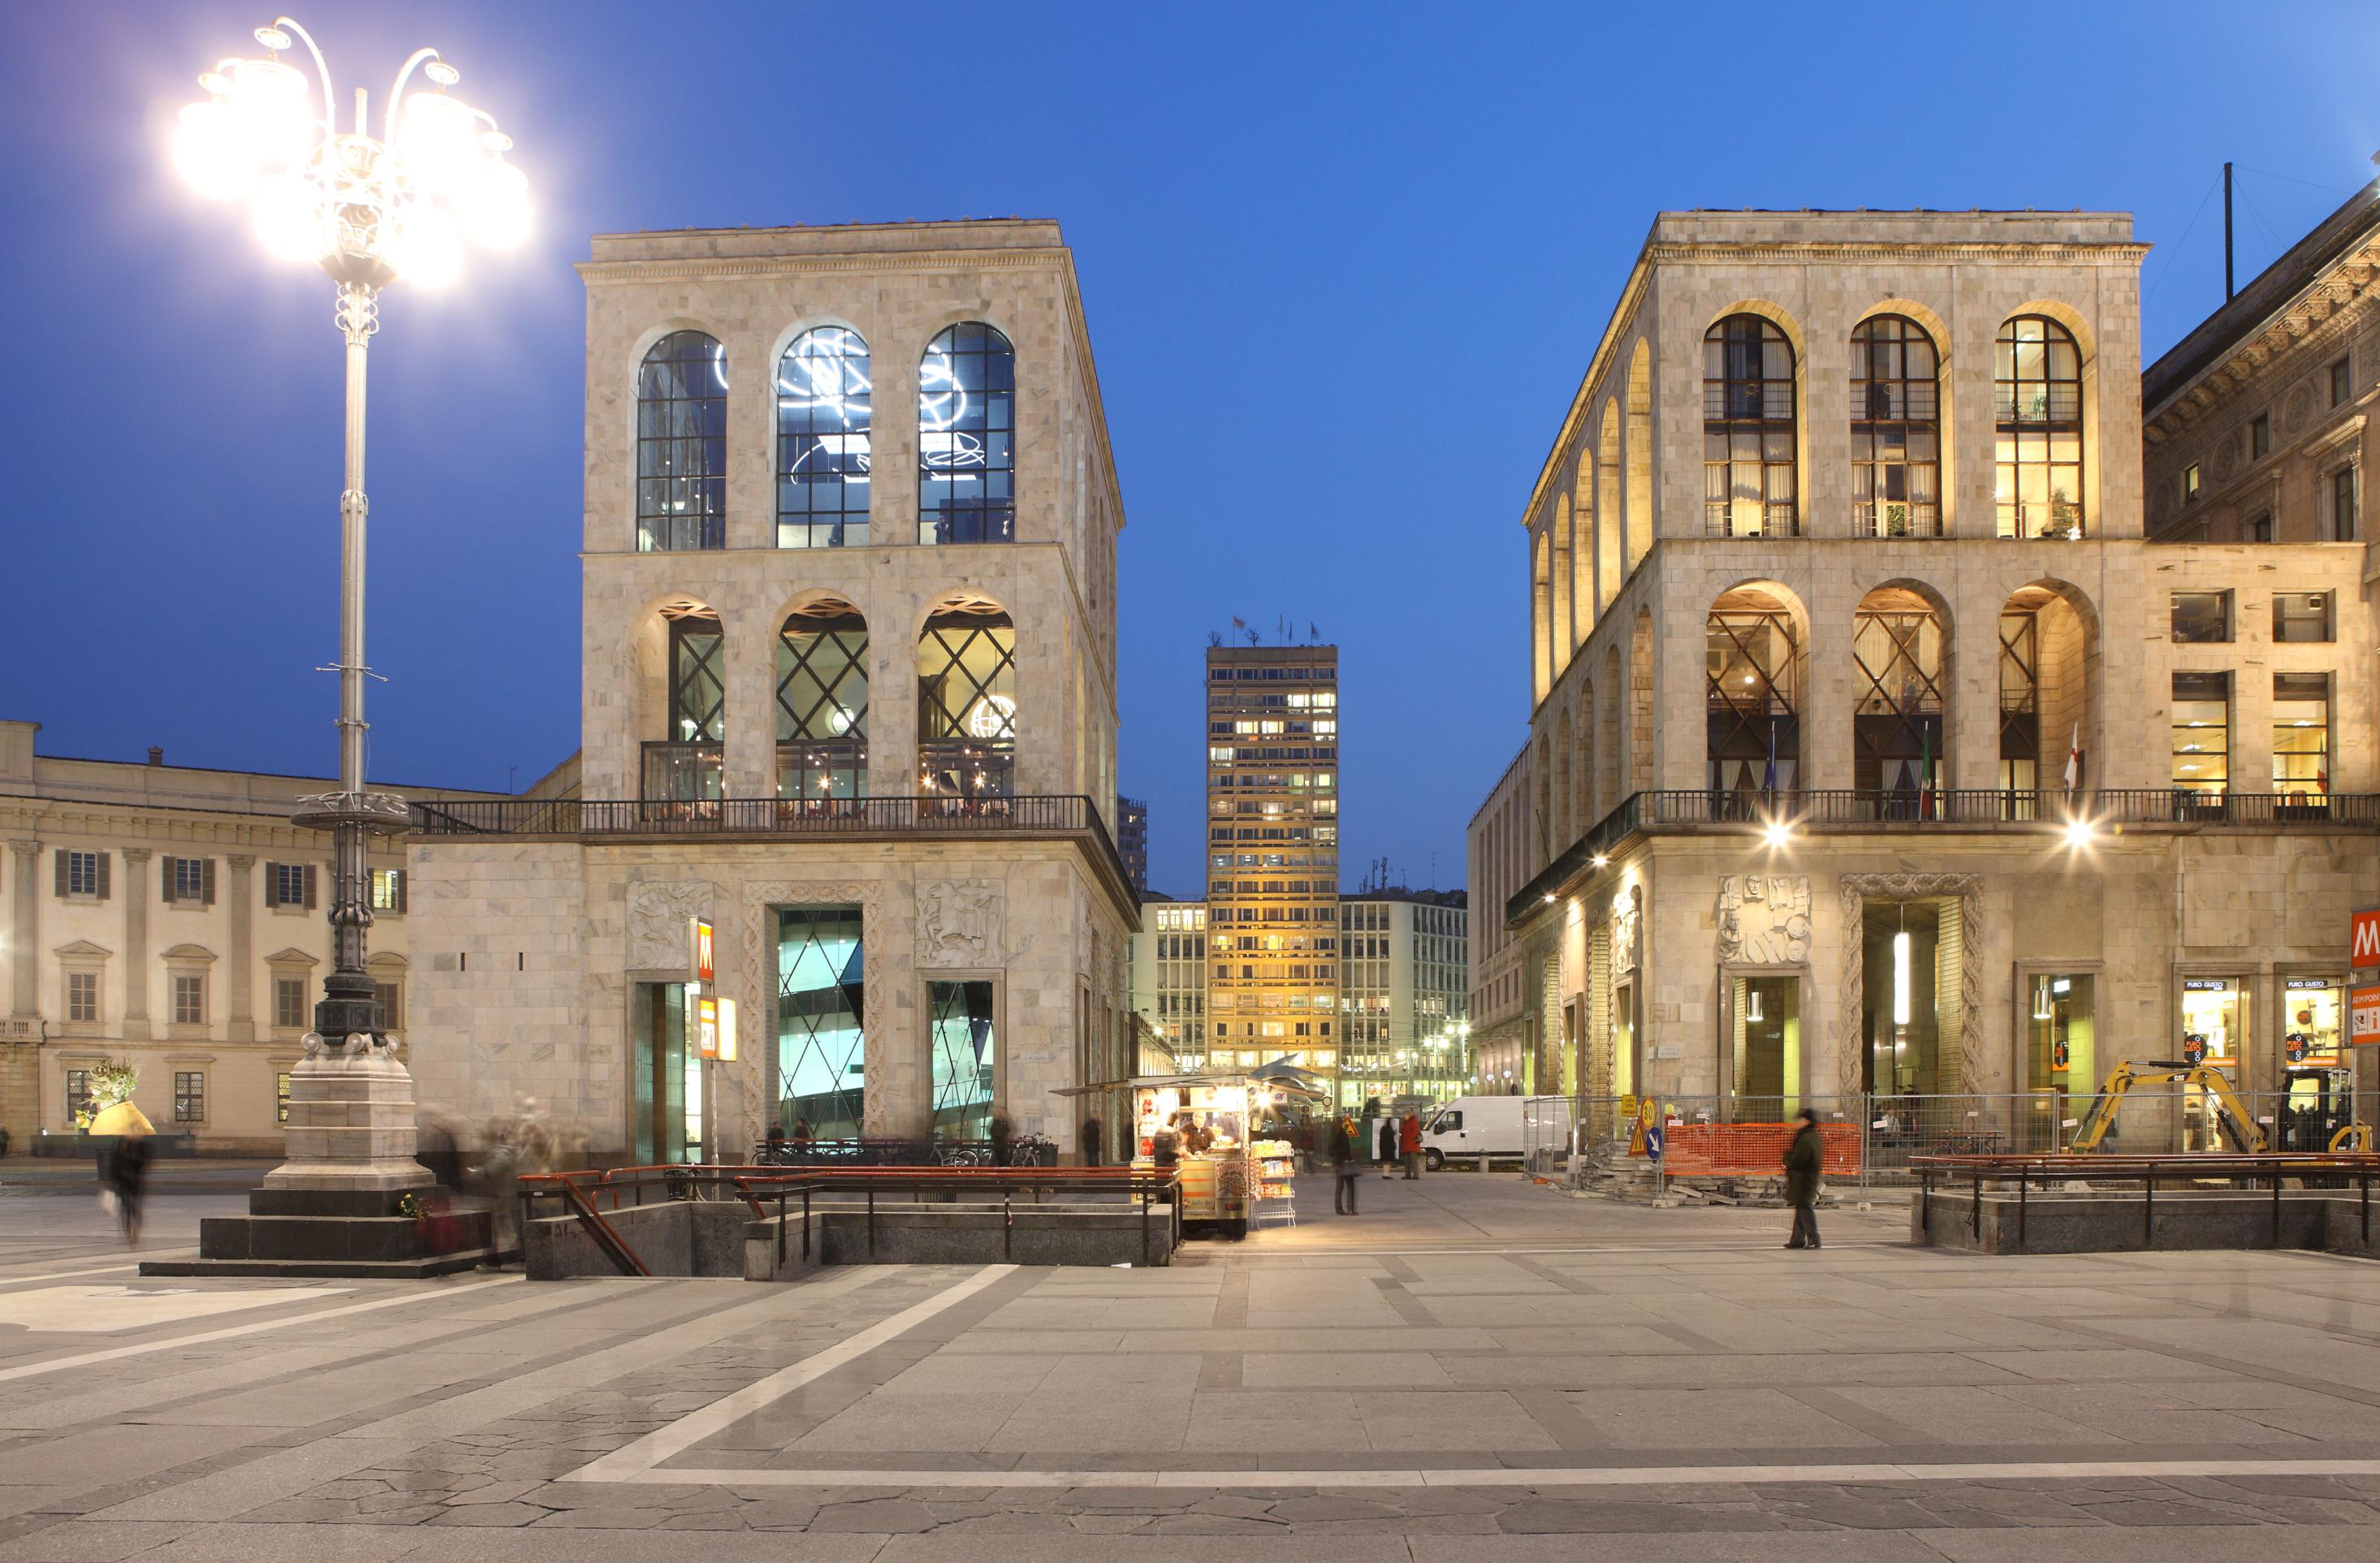 Museo Del 900 Milano.Museo Del Novecento Milan Italy Attractions Lonely Planet